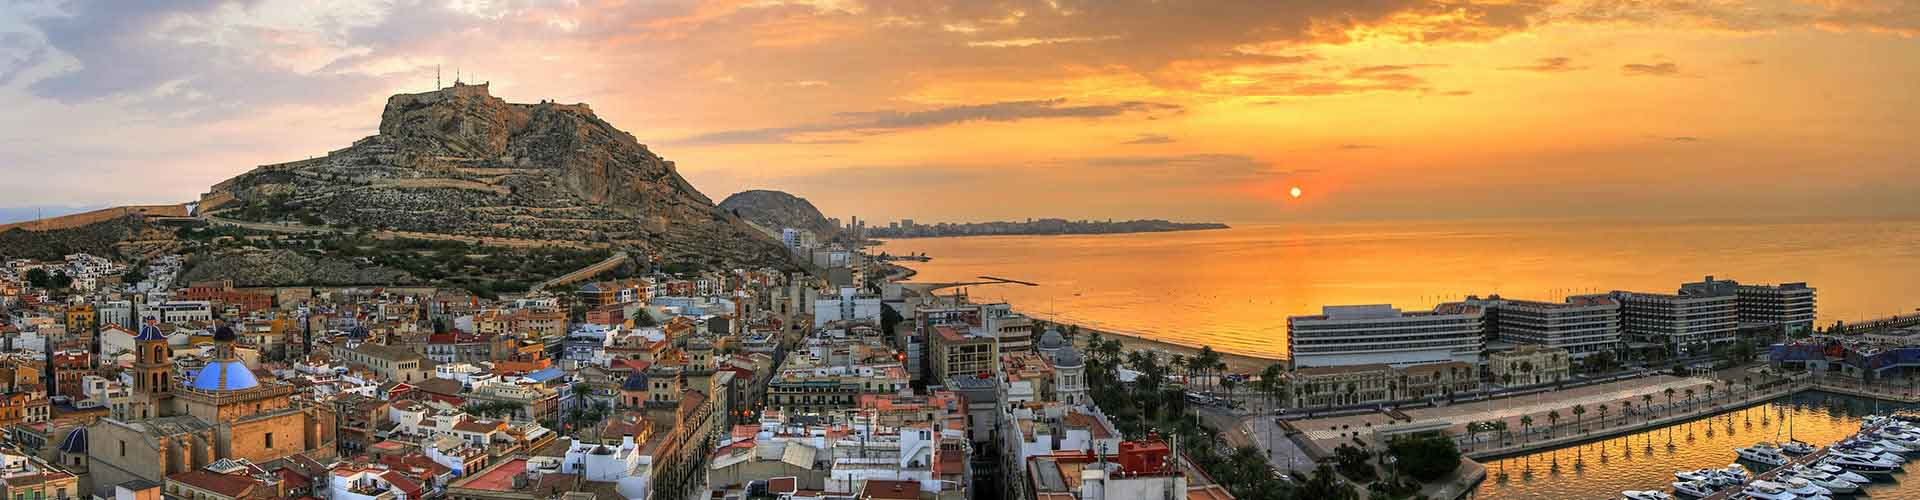 Alicante - Hoteles baratos en el distrito Juan XXIII. Mapas de Alicante, Fotos y comentarios de cada Hotel barato en Alicante.